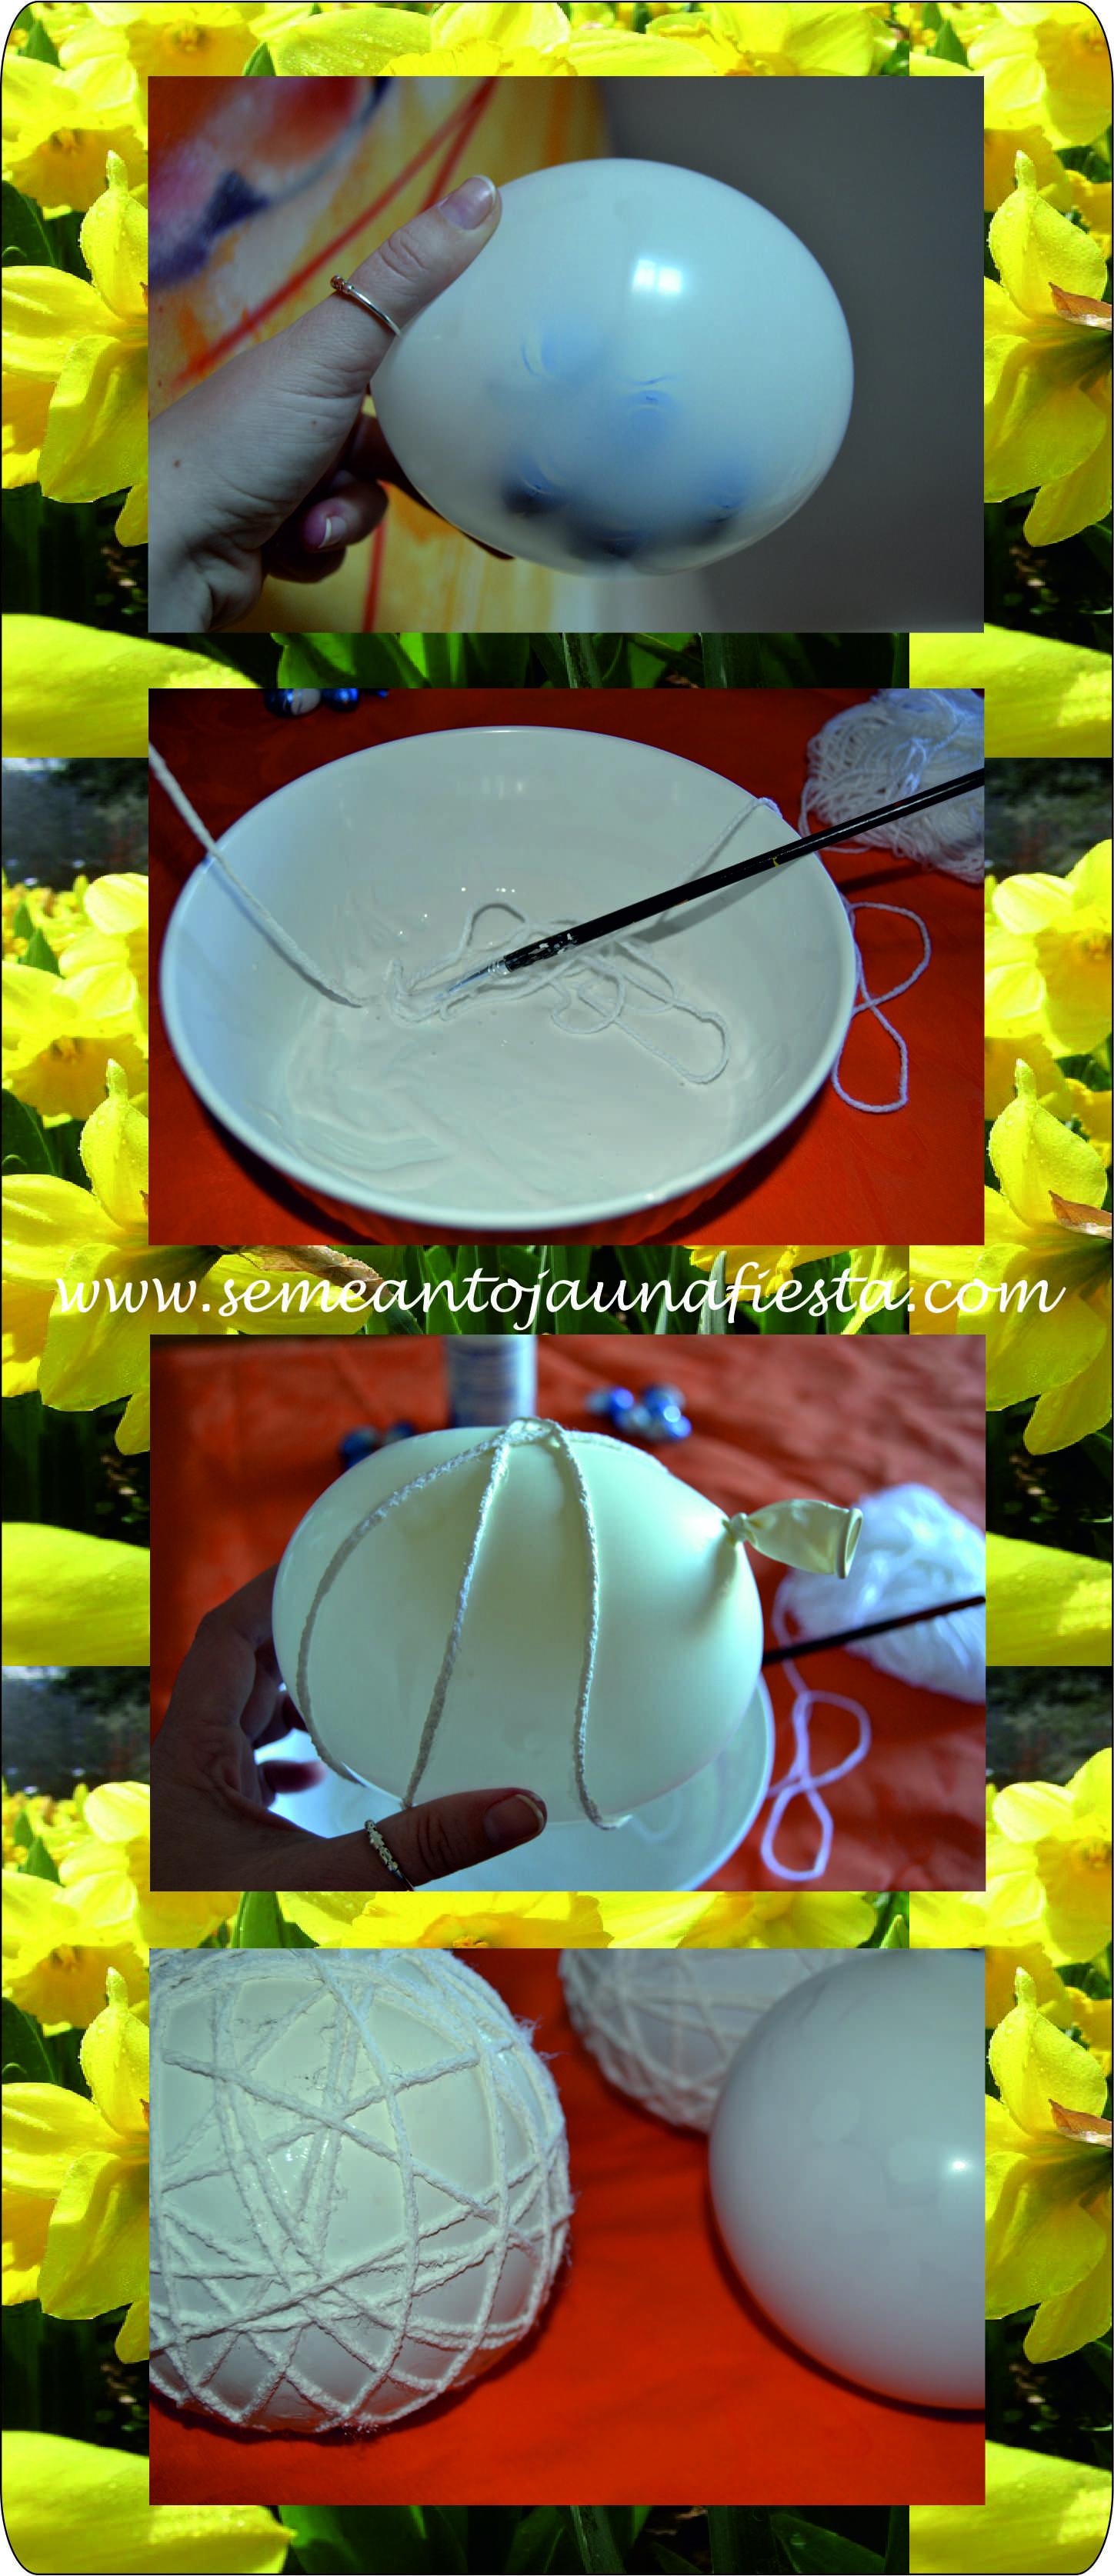 Se me antoja hacer manualidades con huevos de pascua - Paso a paso manualidades ...